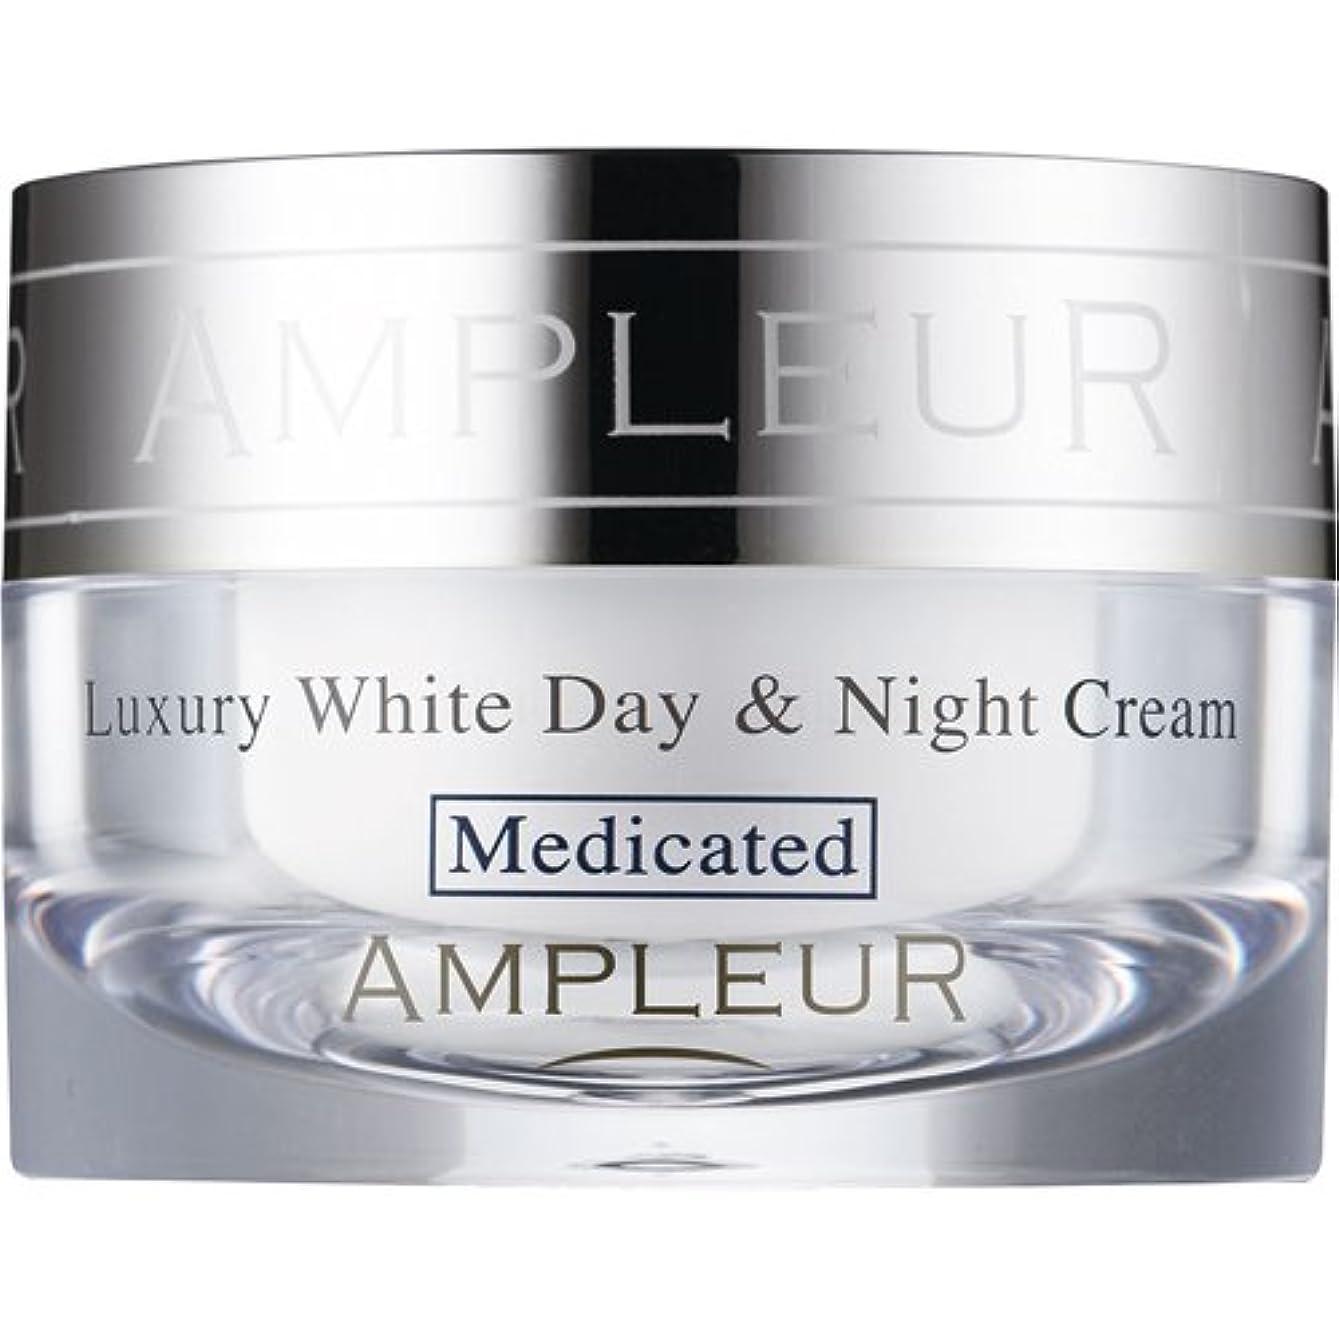 通訳回転させる考えるAMPLEUR(アンプルール) ラグジュアリーホワイト 薬用デイ&ナイトクリーム 30g